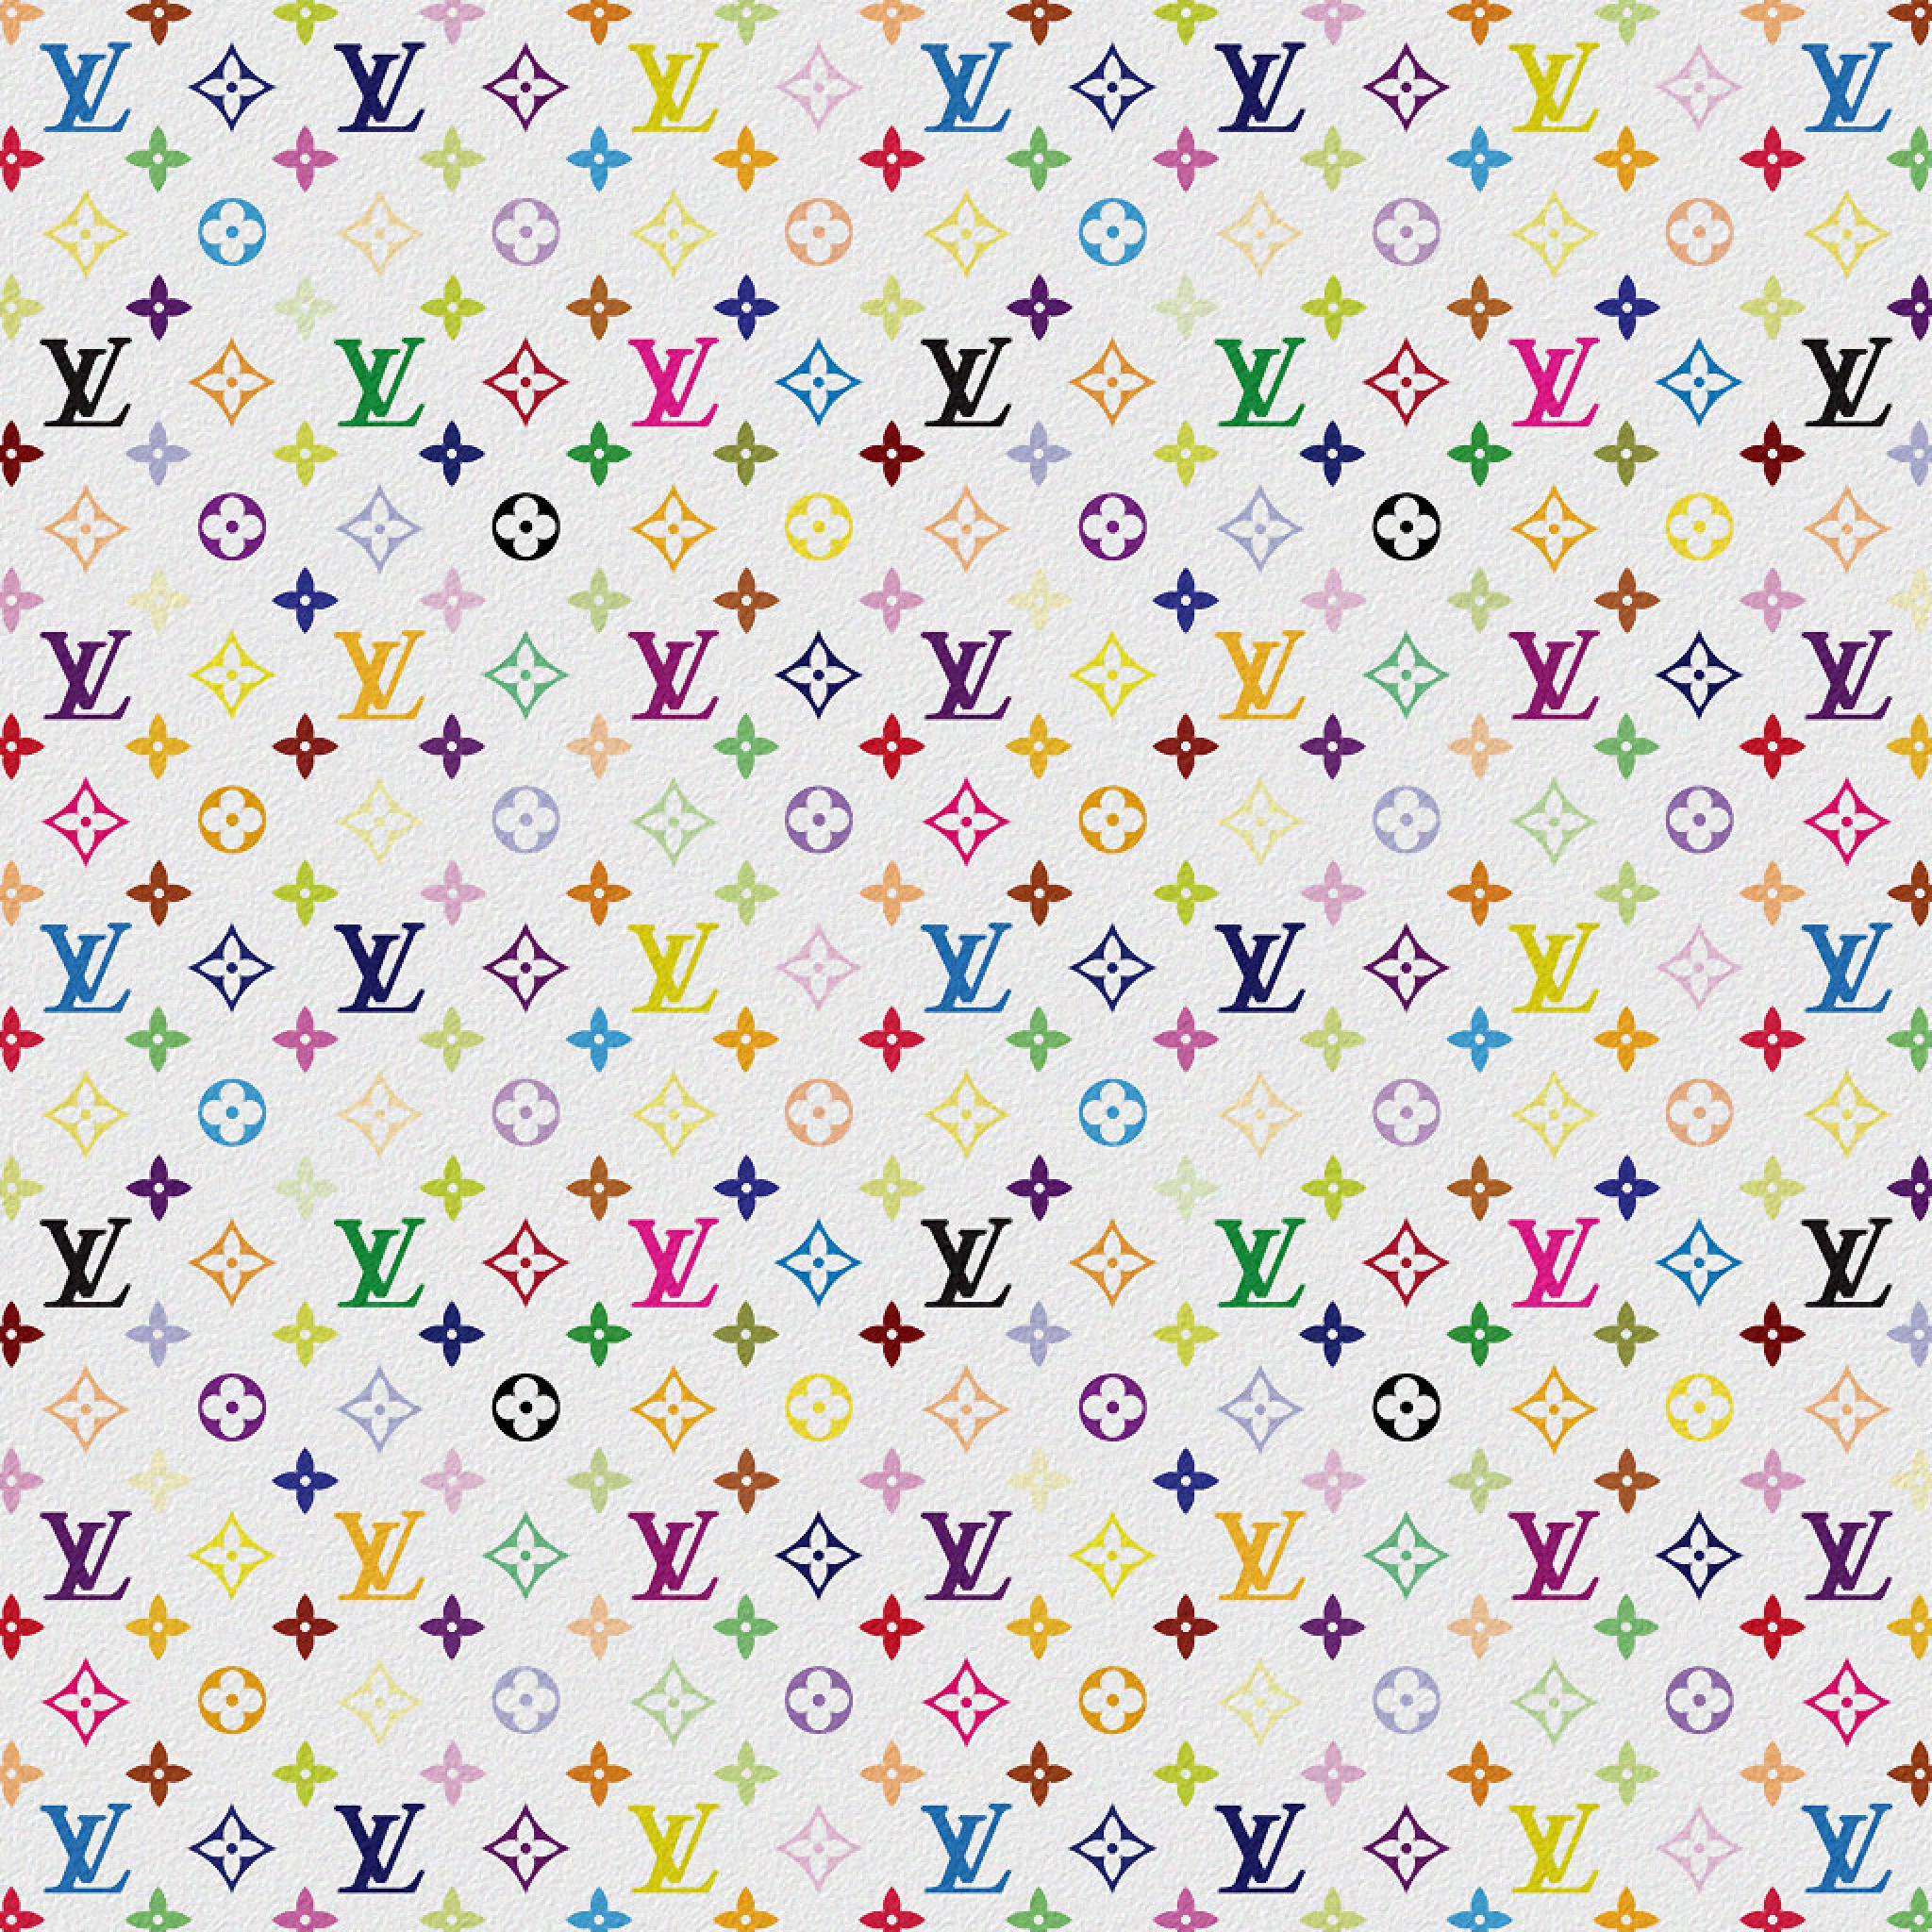 Louis Vuitton Logo Wallpaper HD 55 2048x2048